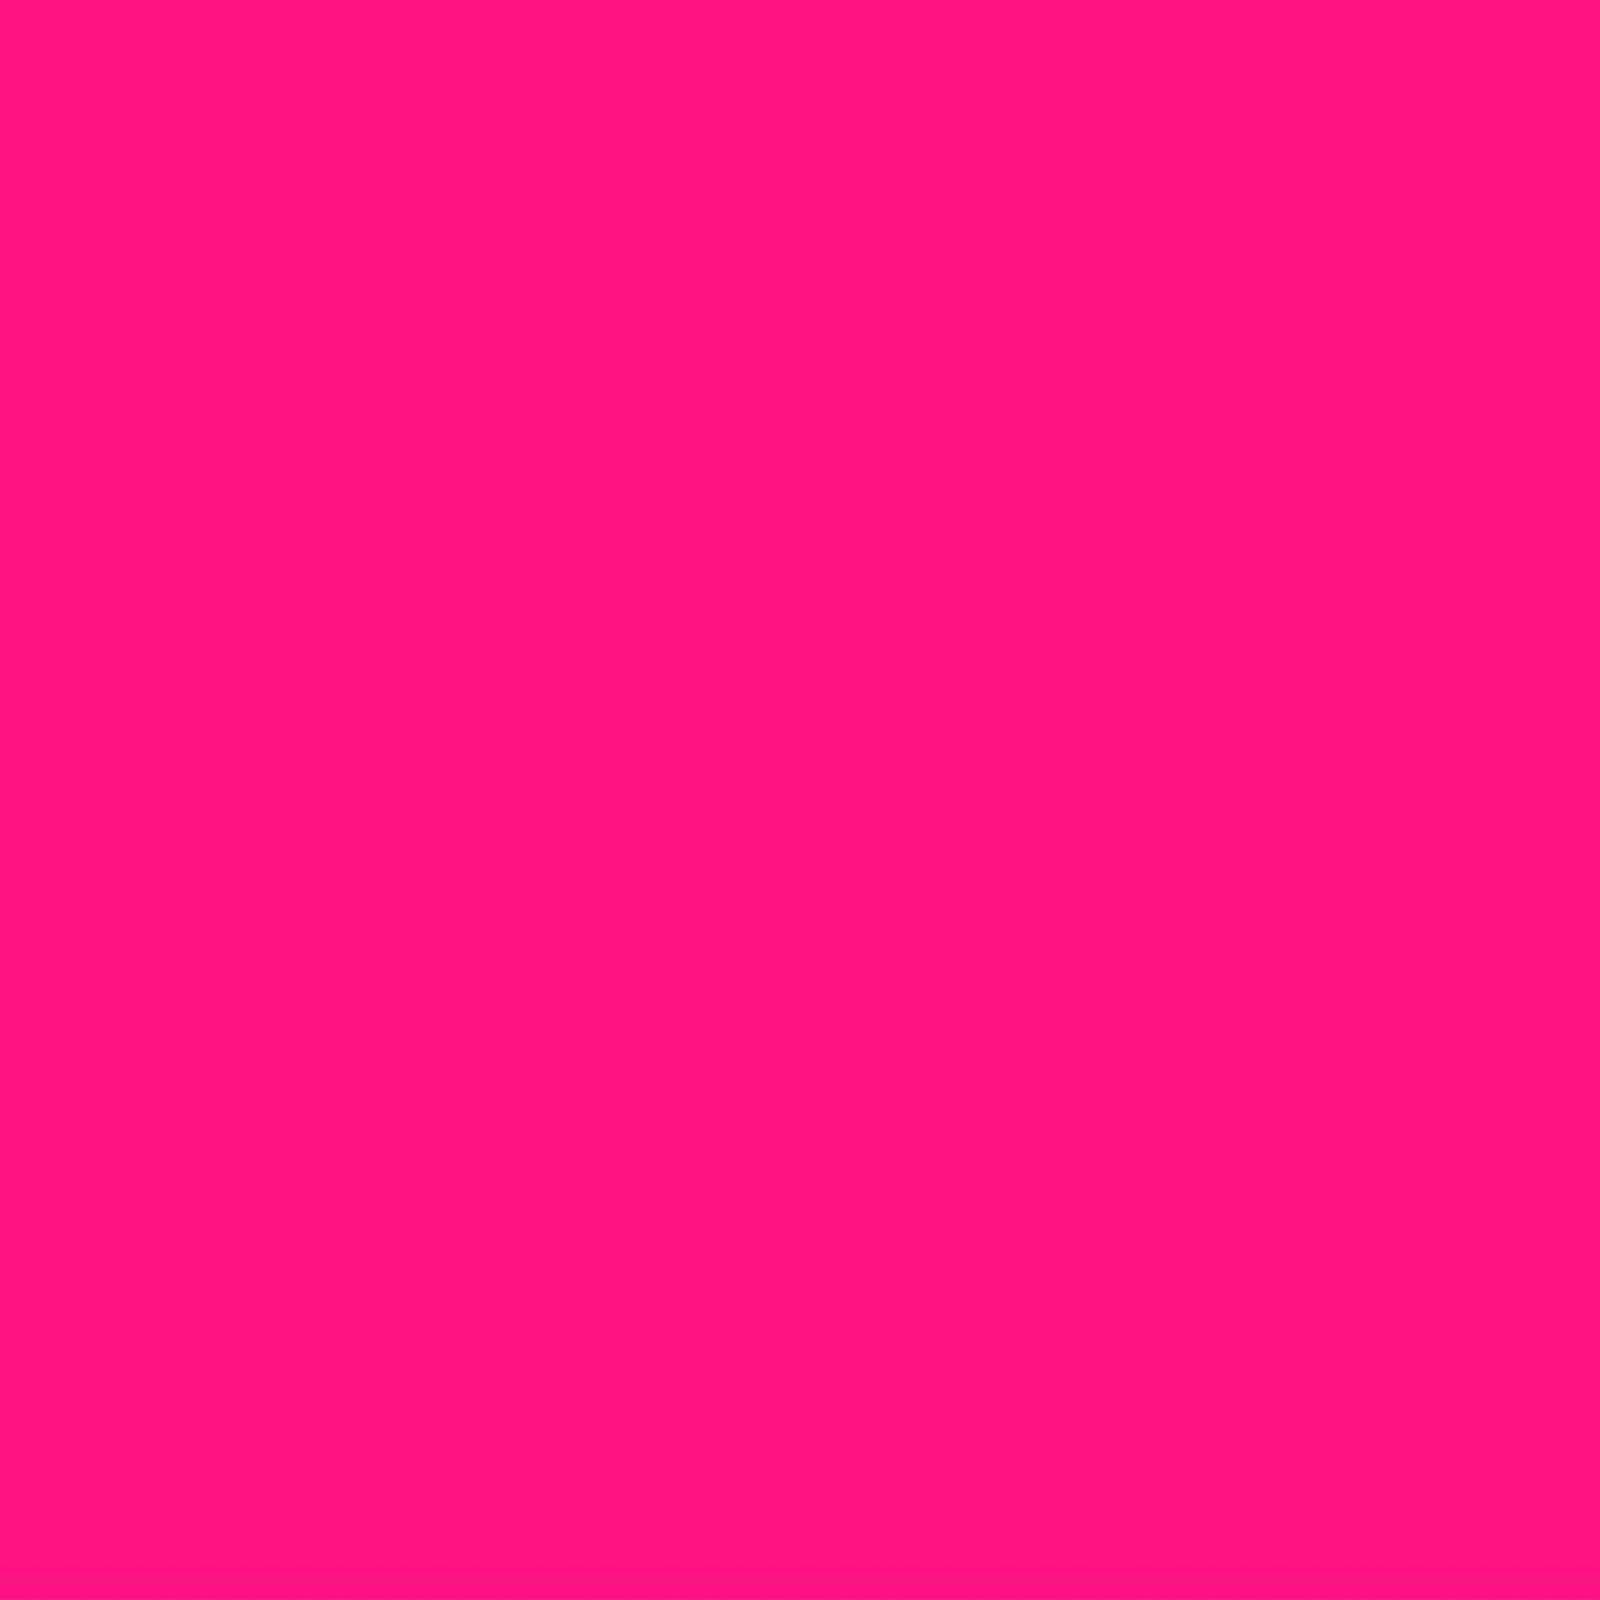 roz neon